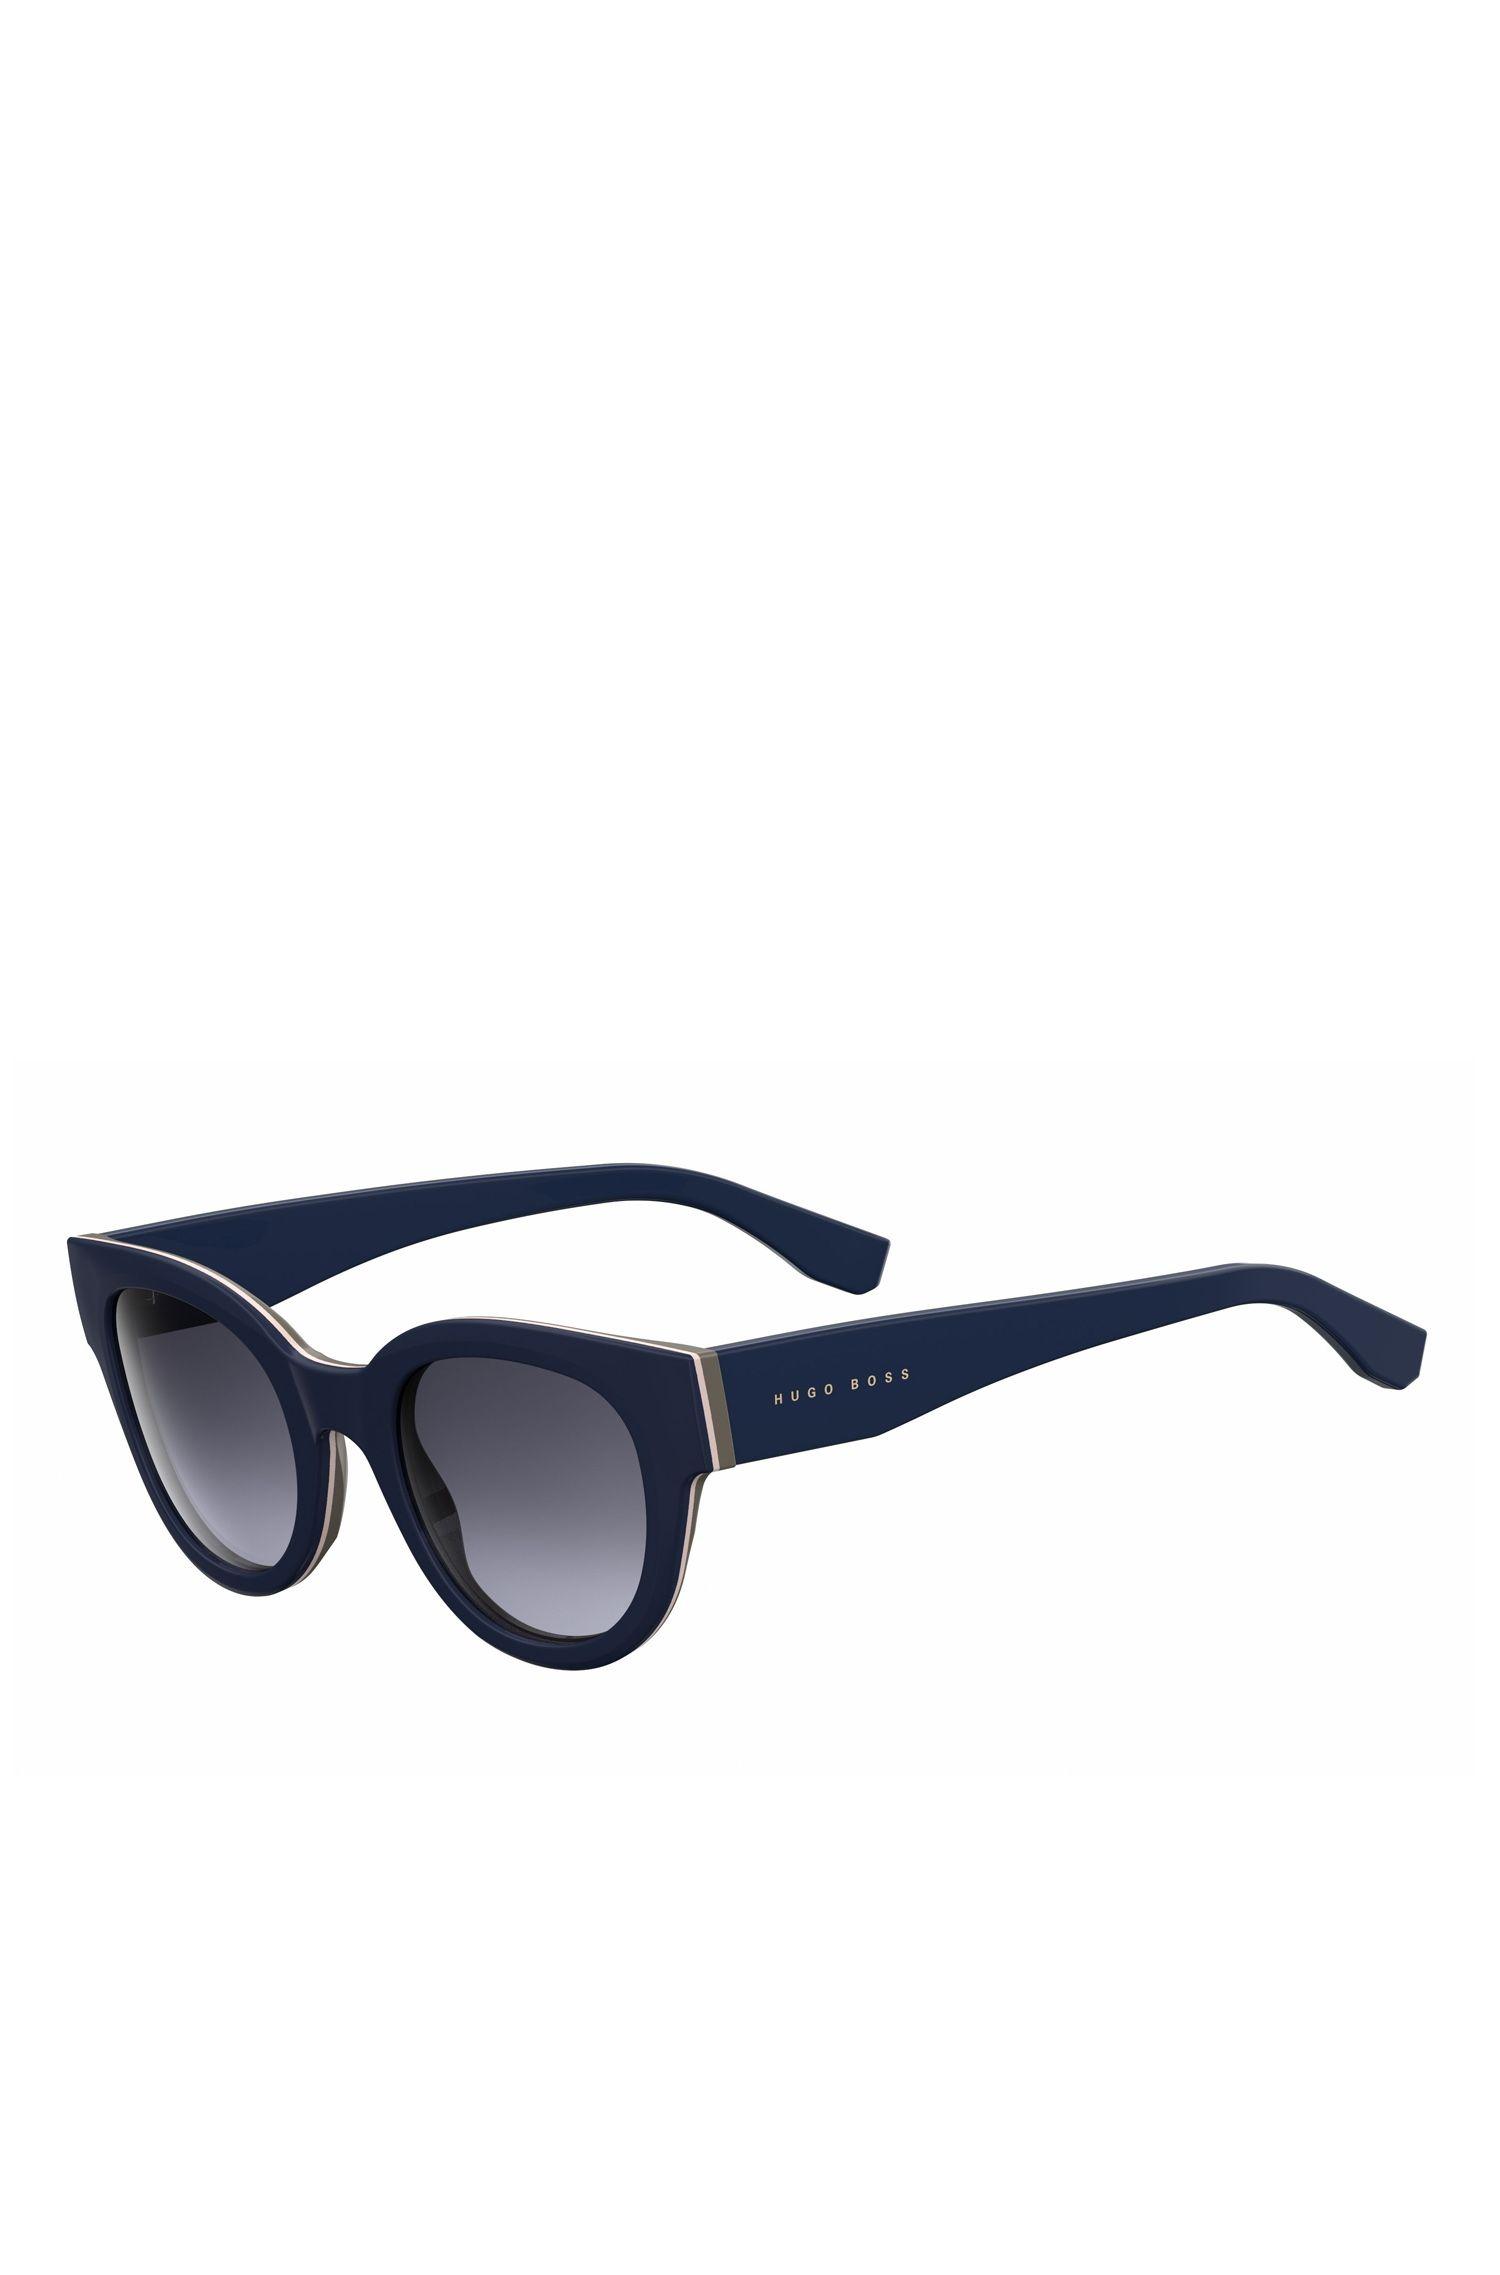 'BOSS 0888S' | Navy Acetate Round Sunglasses